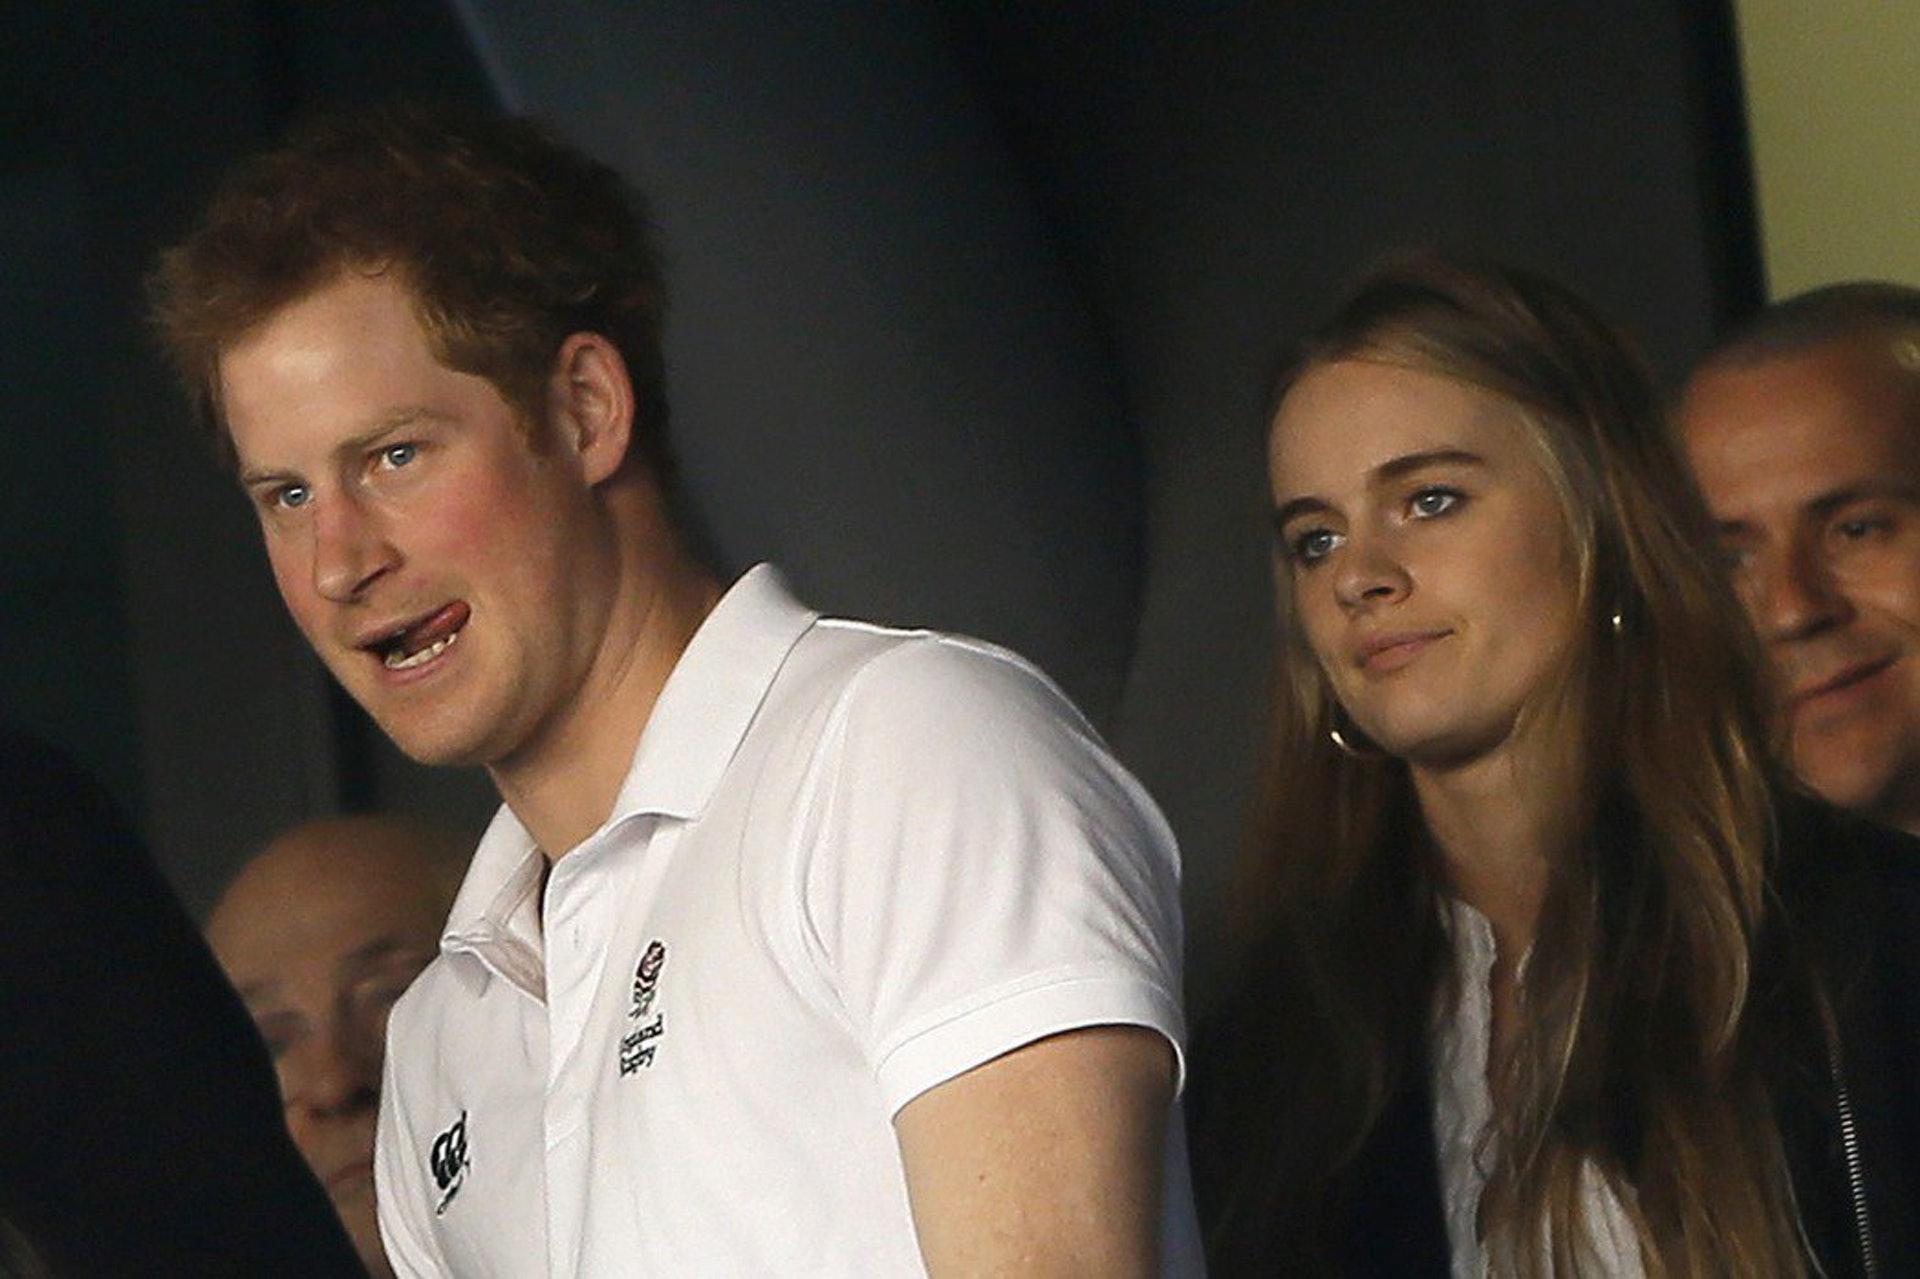 哈里王子曾與Cressida Bonas認真交往,曾被預期有機會結婚。(路透社)